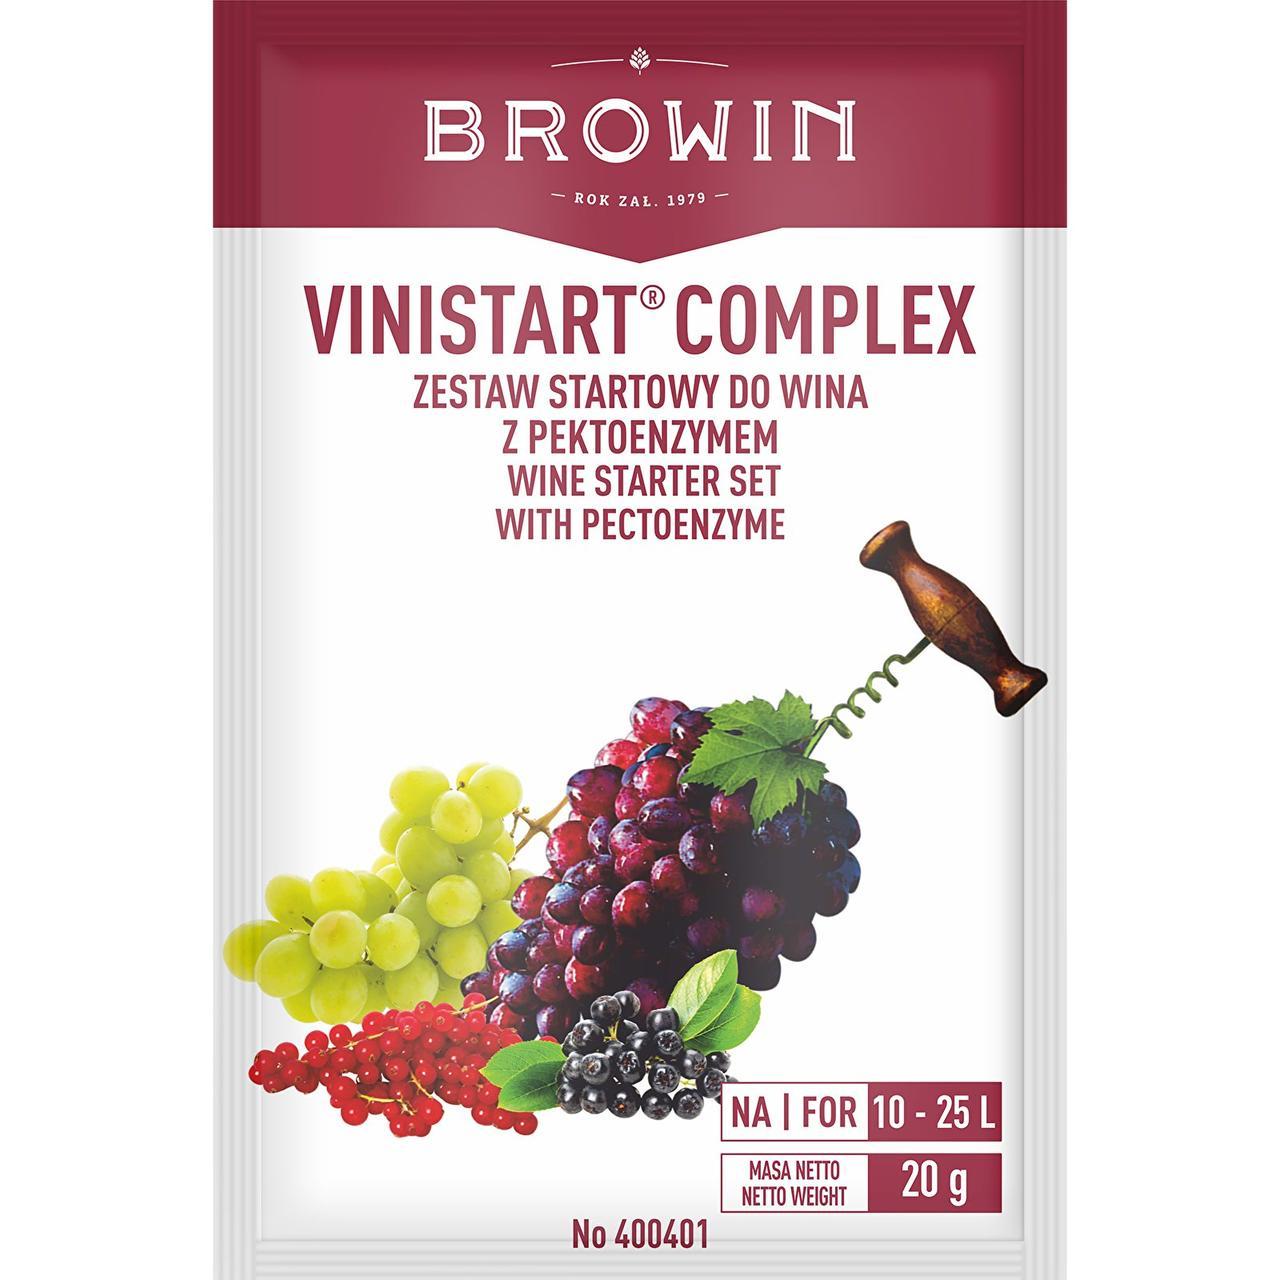 Винистарт Комплекс - закваска для брожения вина, 20 г Термвн придатності до 06.2021